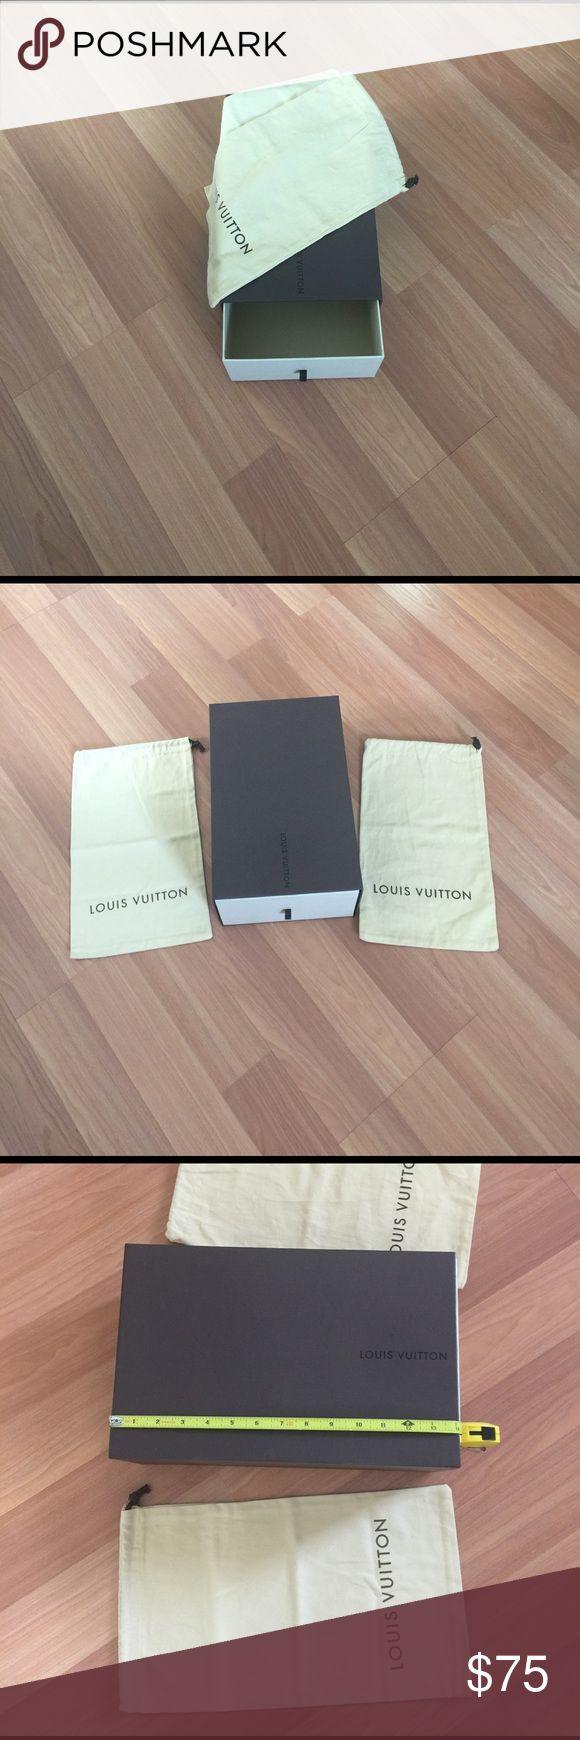 AUTHENTIC LOUI VUITON SLIDING SHOE STORAGE BOX AUTHENTIC LOUI VUITON EMPTY SLIDING SHOE STORAGE BOX WITH 2 DUSH BAG EXCELLENT CONDITION Louis Vuitton Accessories